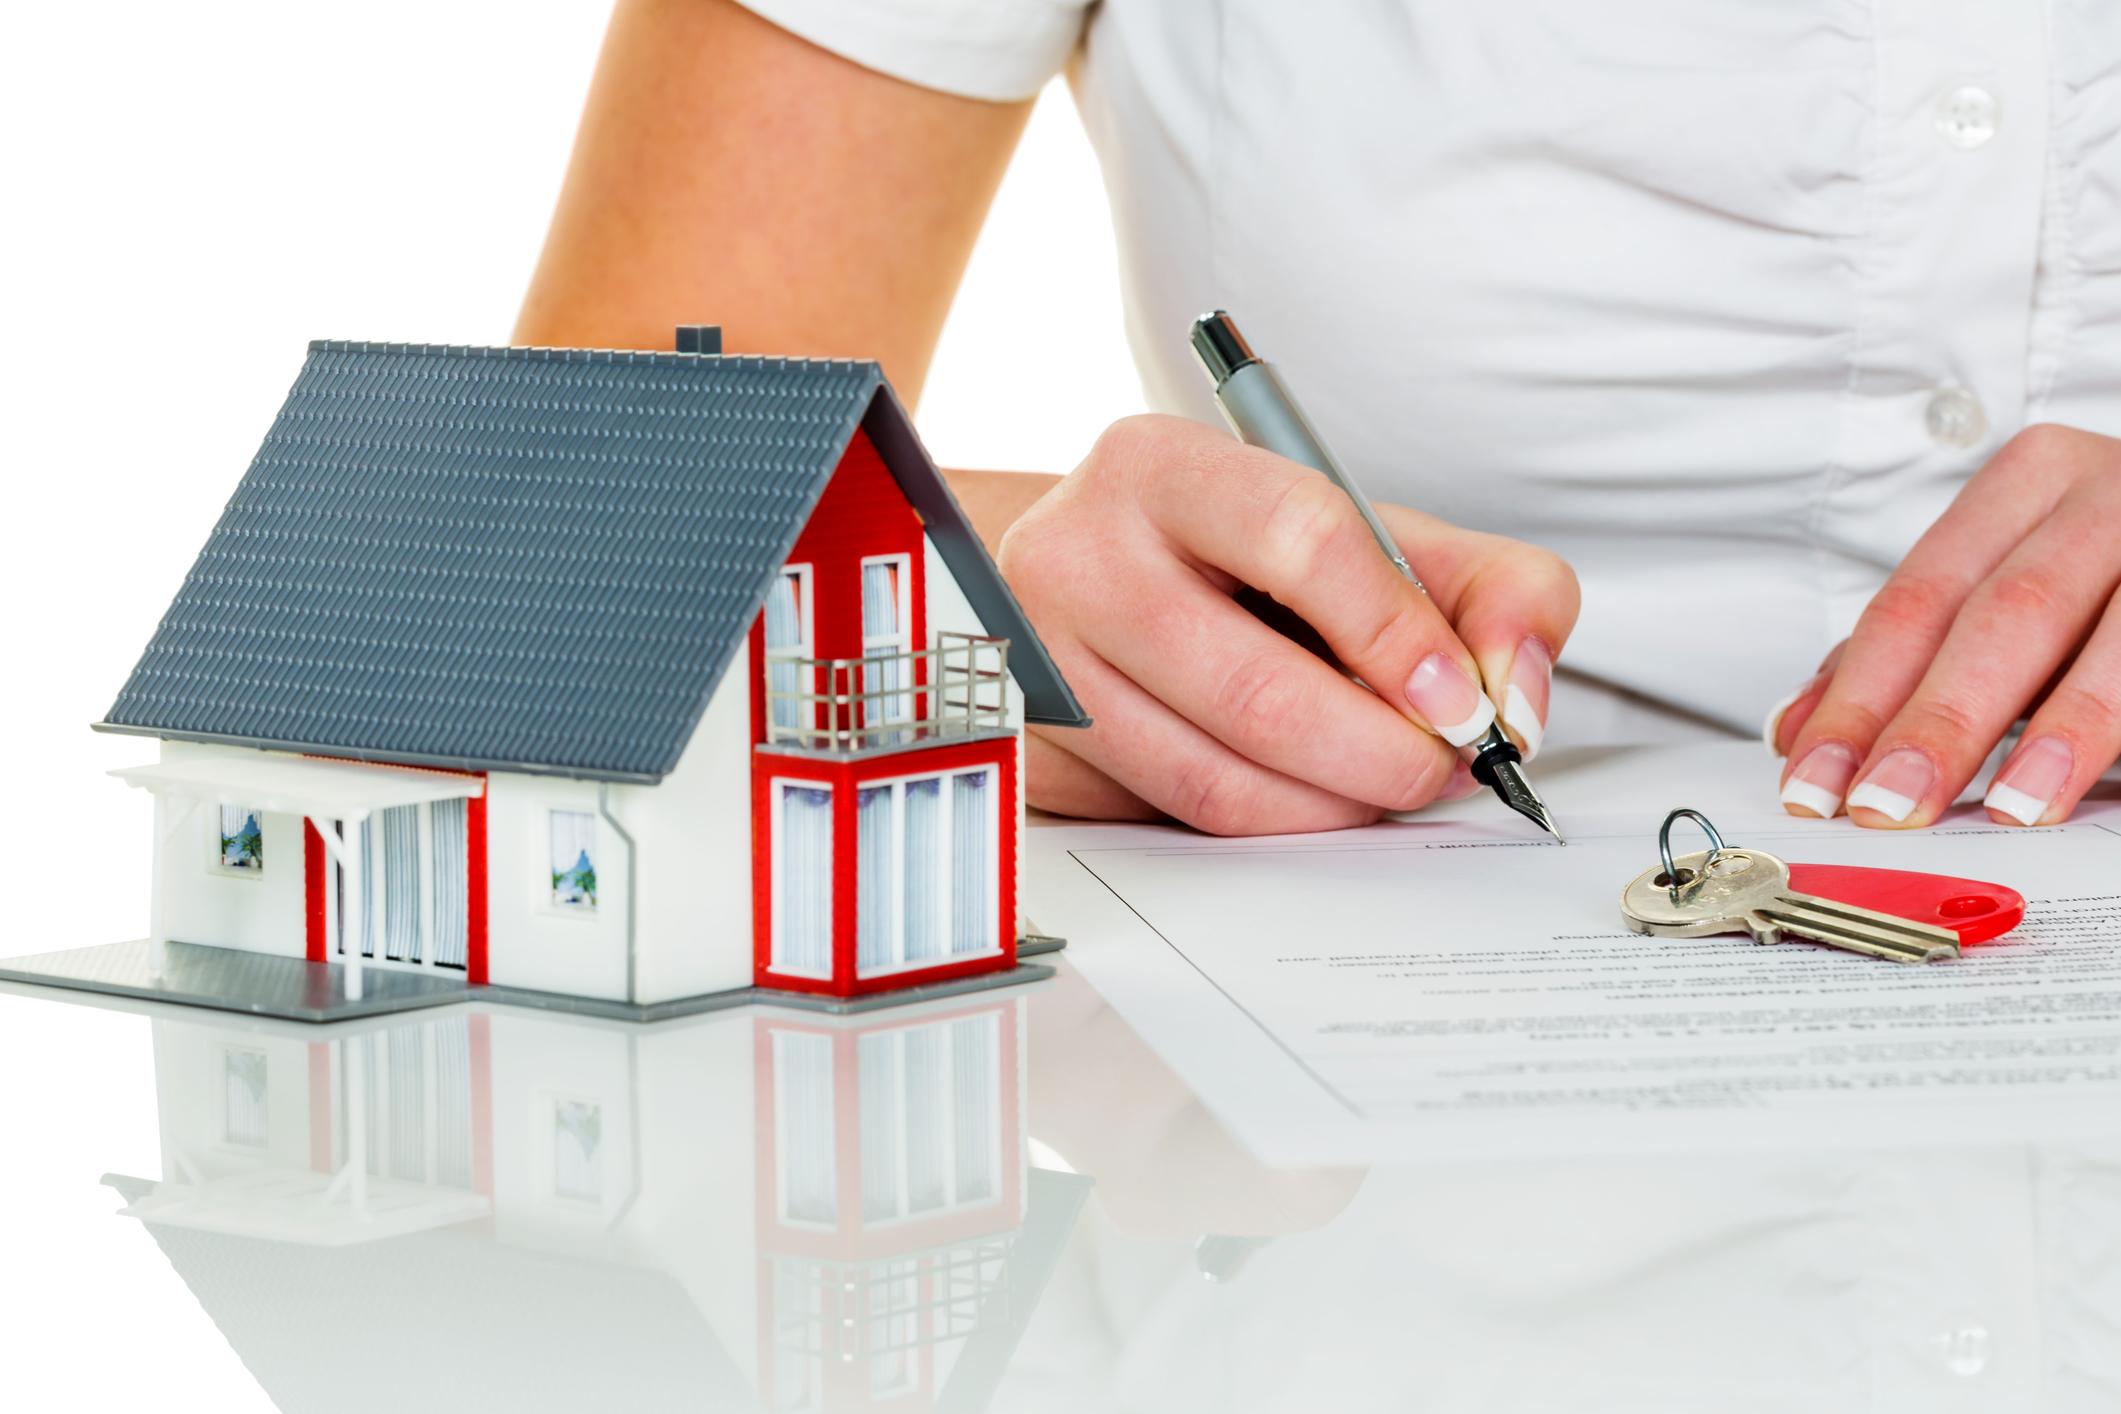 Документы на строительство дома: разбираемся в особенностях оформления